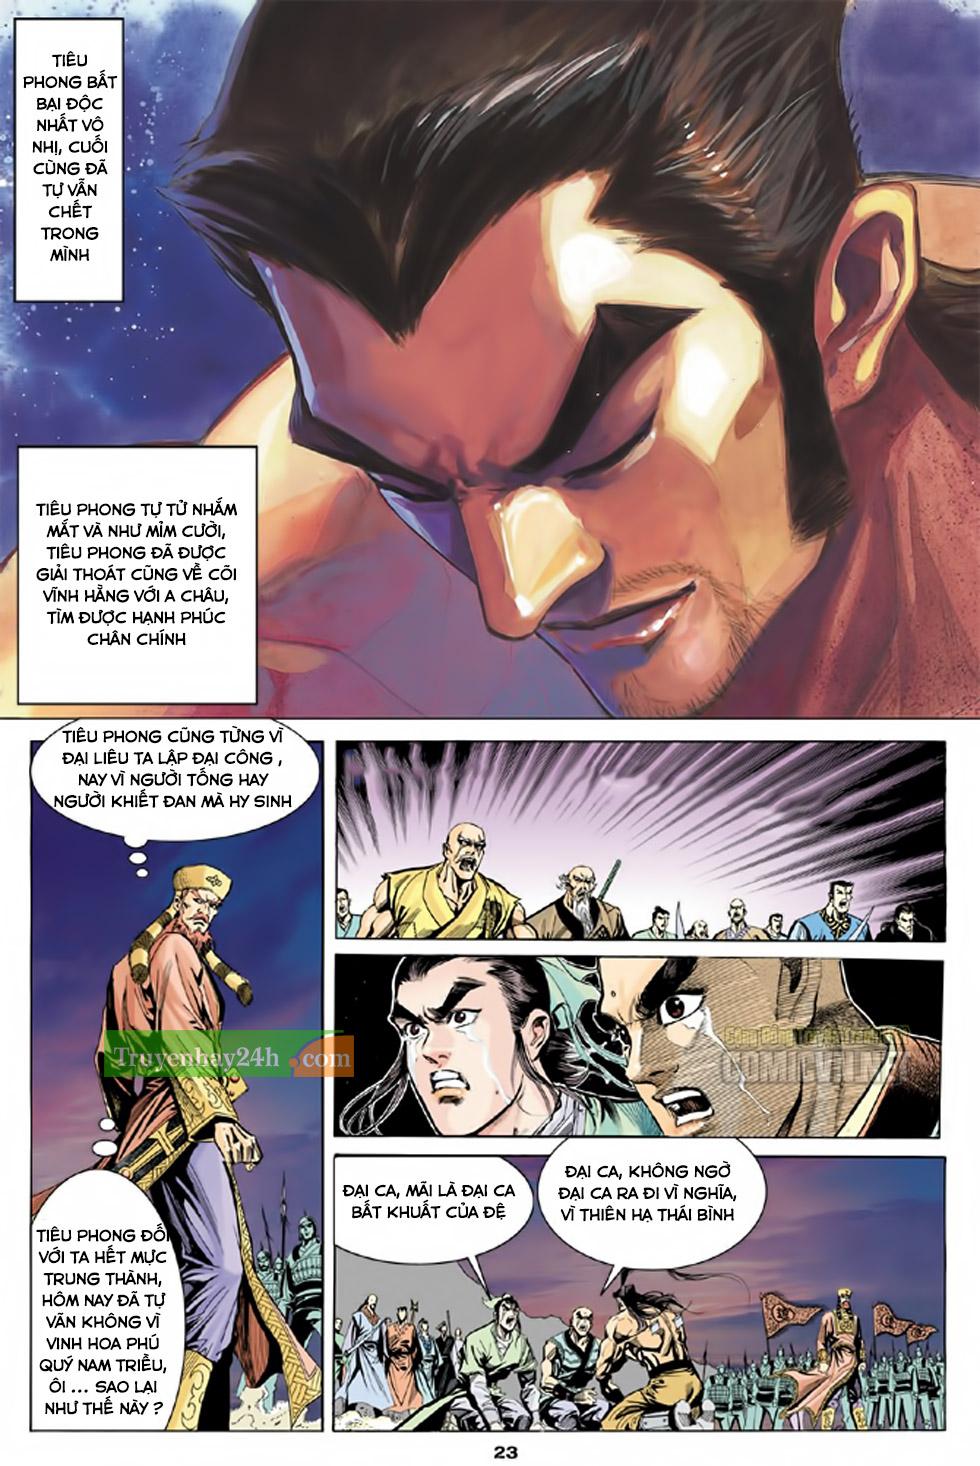 Thiên Long Bát Bộ chap 100 – End Trang 24 - Mangak.info